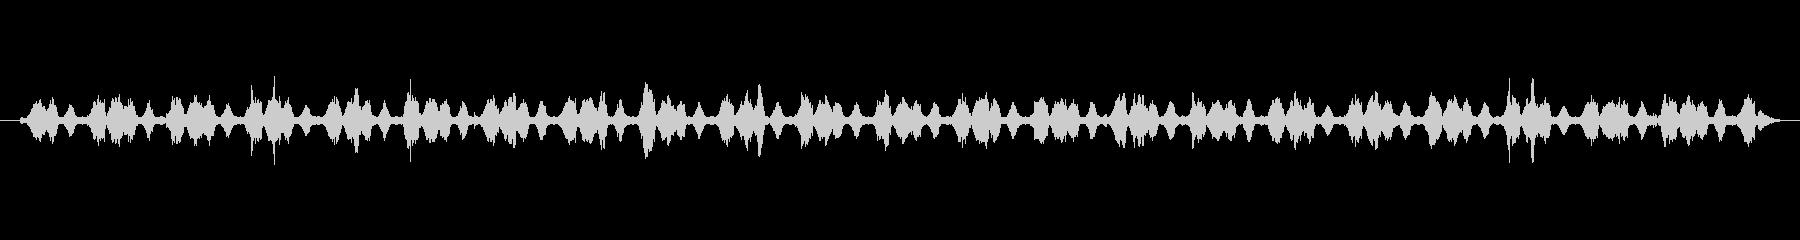 ノイズ クレイジーベイビーバード01の未再生の波形